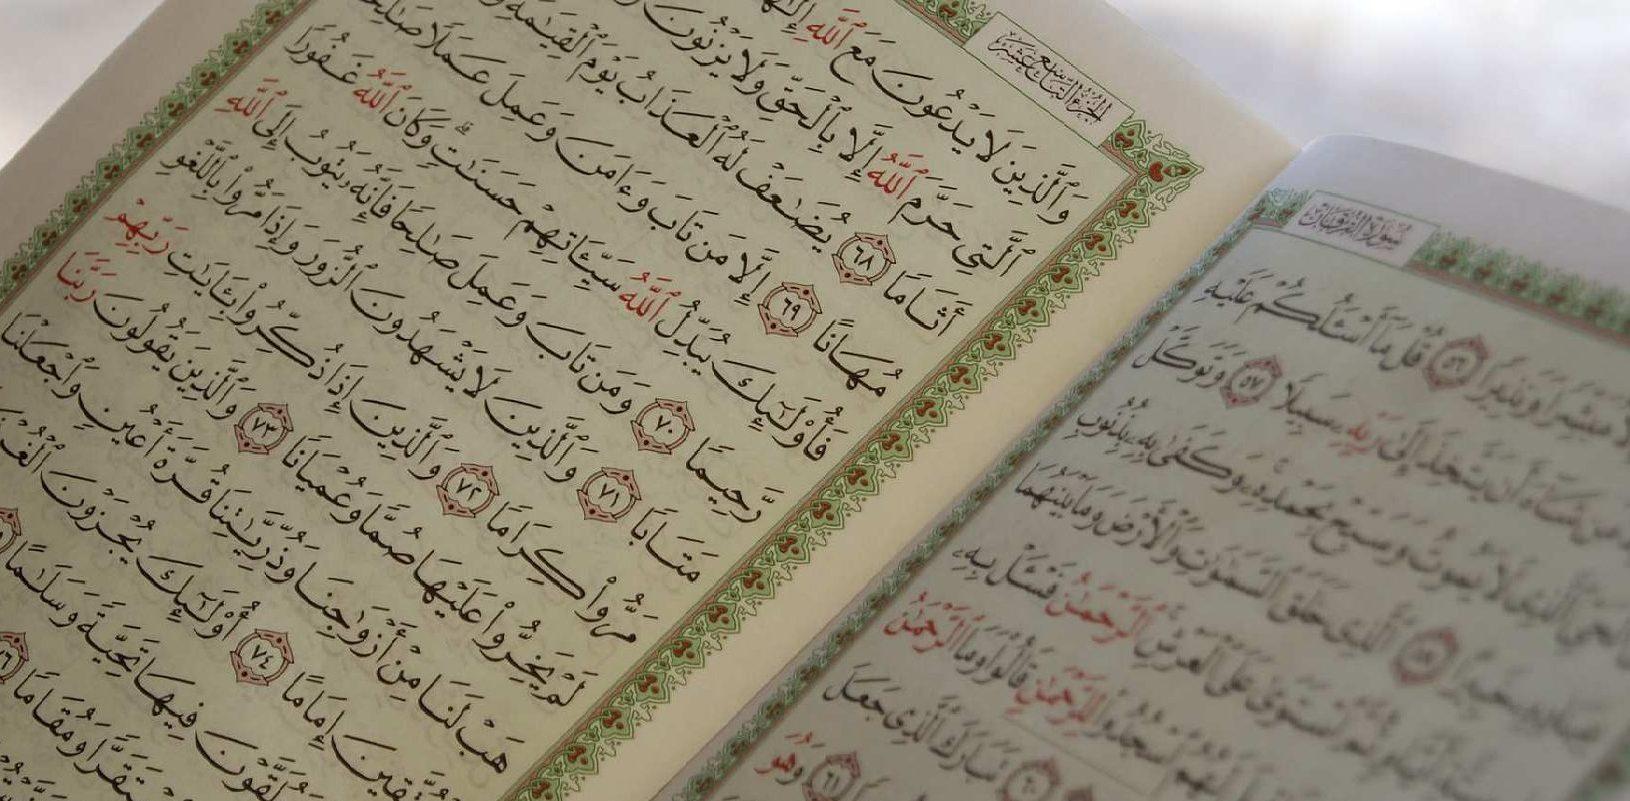 Apa Hukum Melemparkan Mushaf Al-Qur'an Karena Marah?